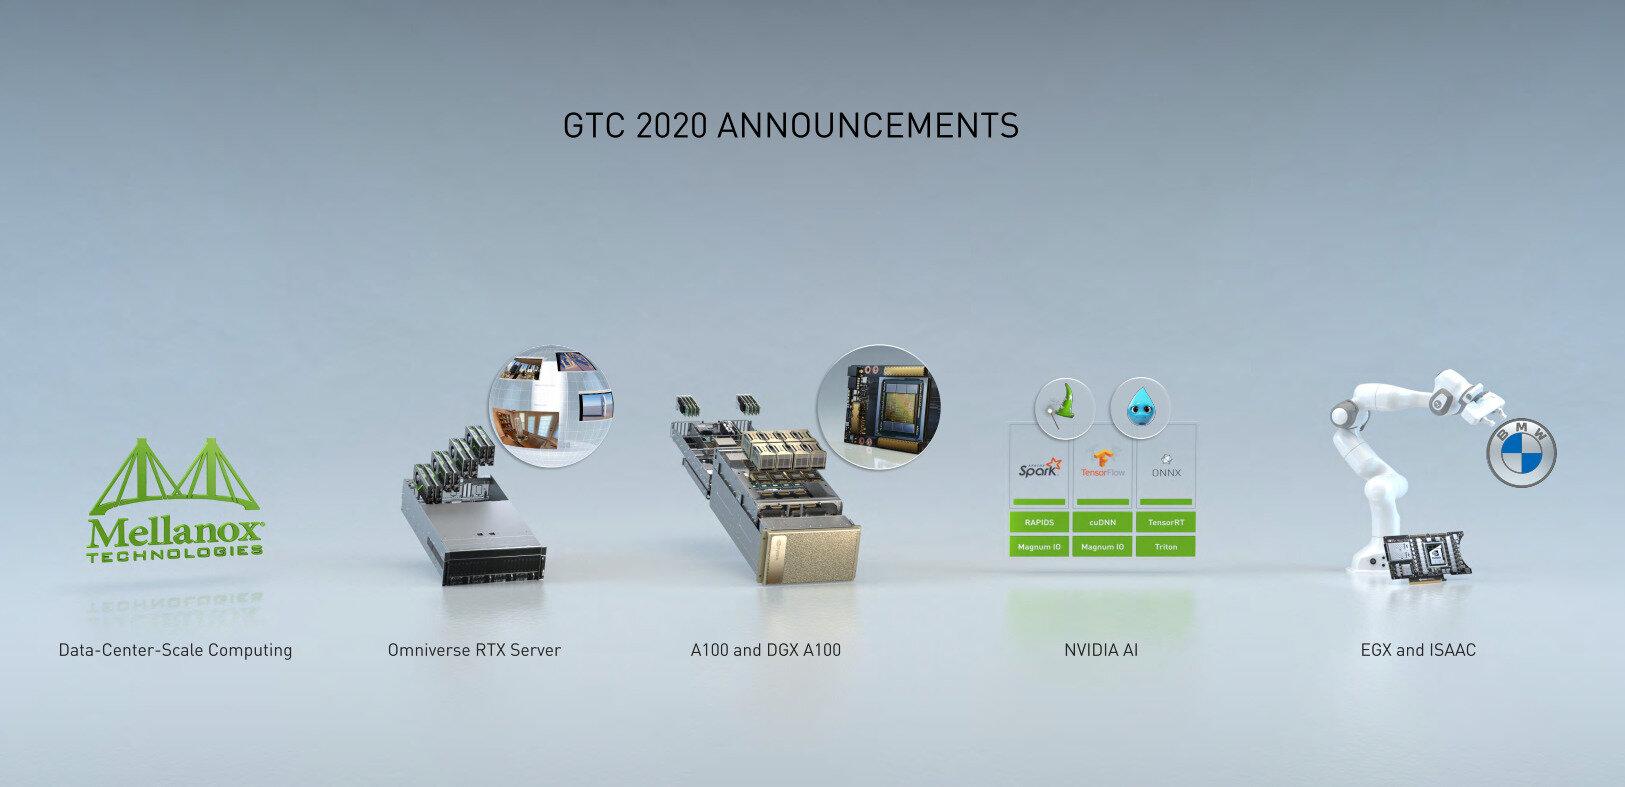 NVIDIA : Serveurs Ampere A100, carte réseau avec GPU intégré, nouvelles plateformes